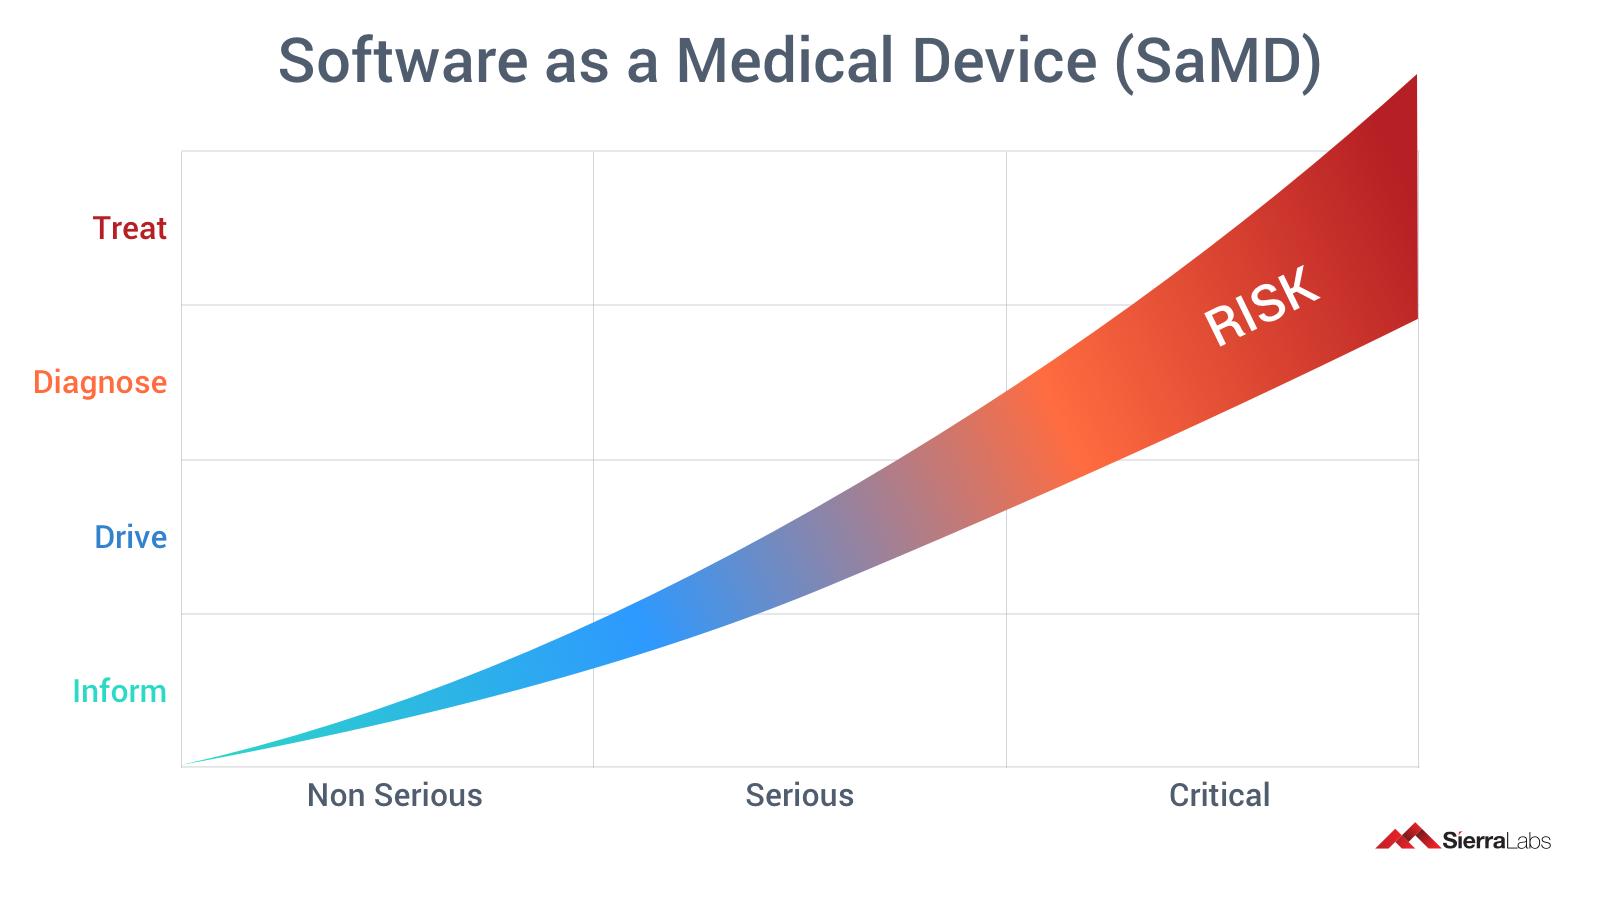 SaMD - Risk Chart-1